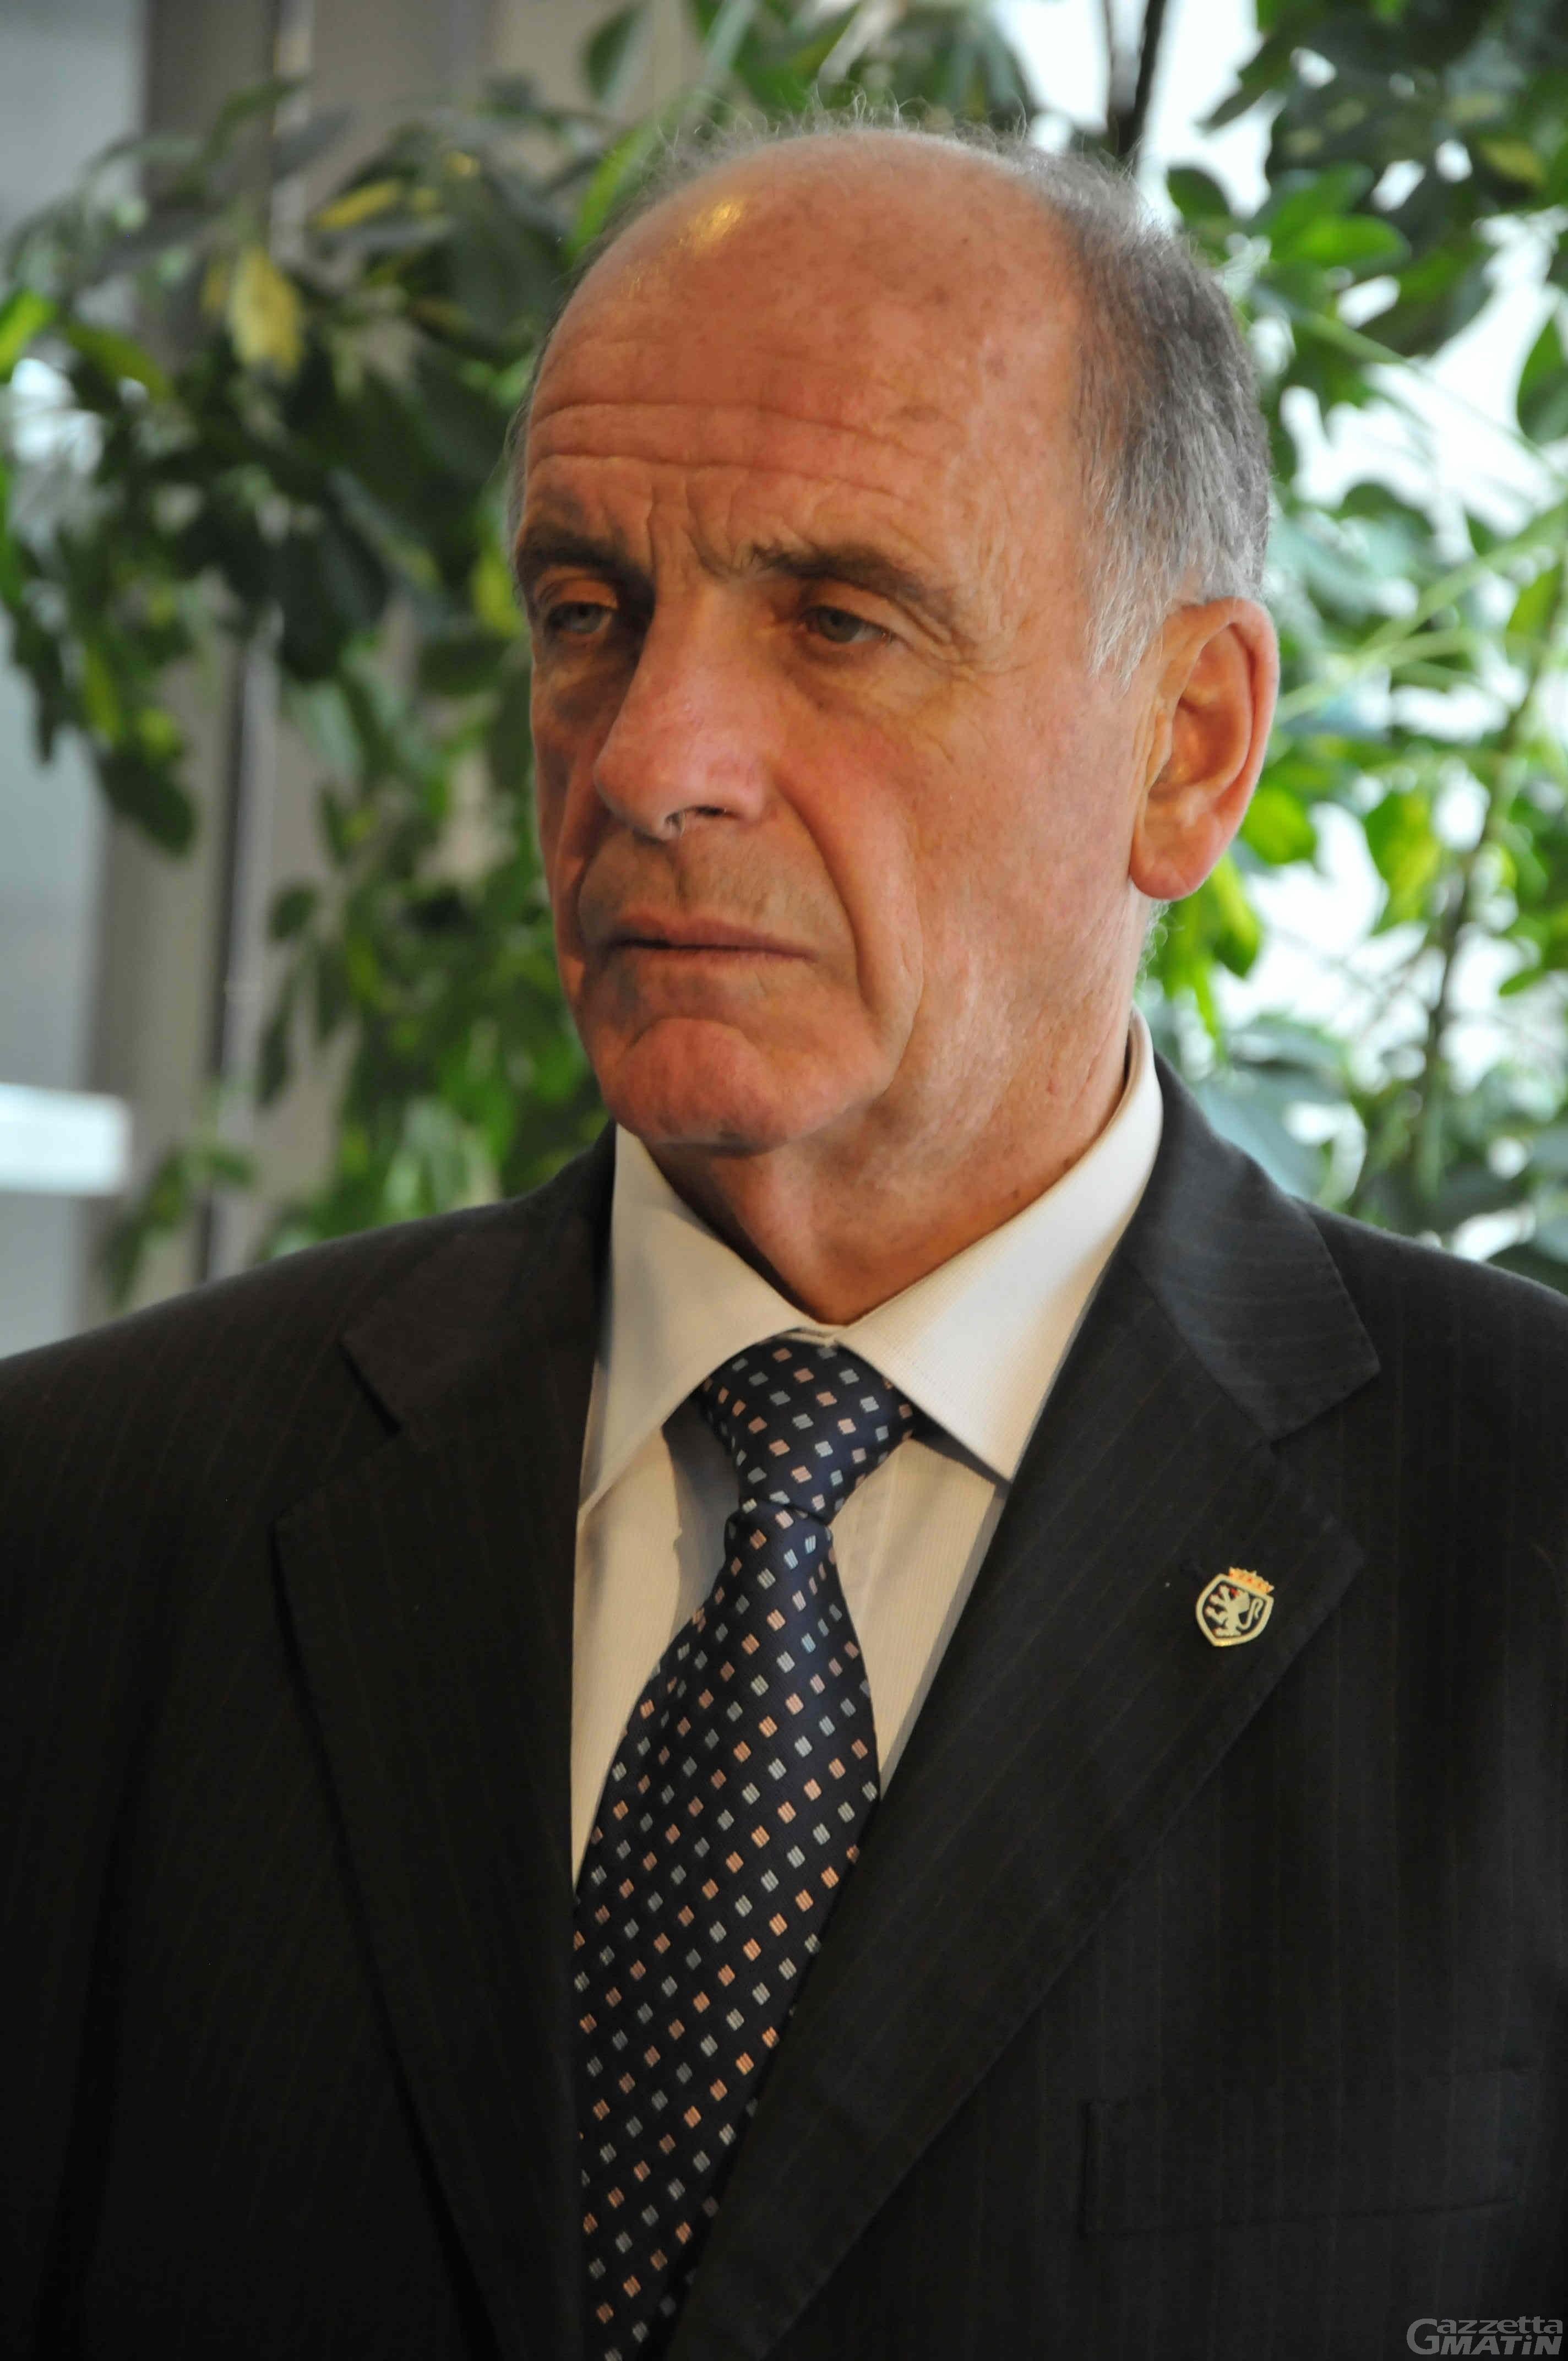 Inchiesta Fianosta: indagini coinvolgono l'ex presidente Rollandin